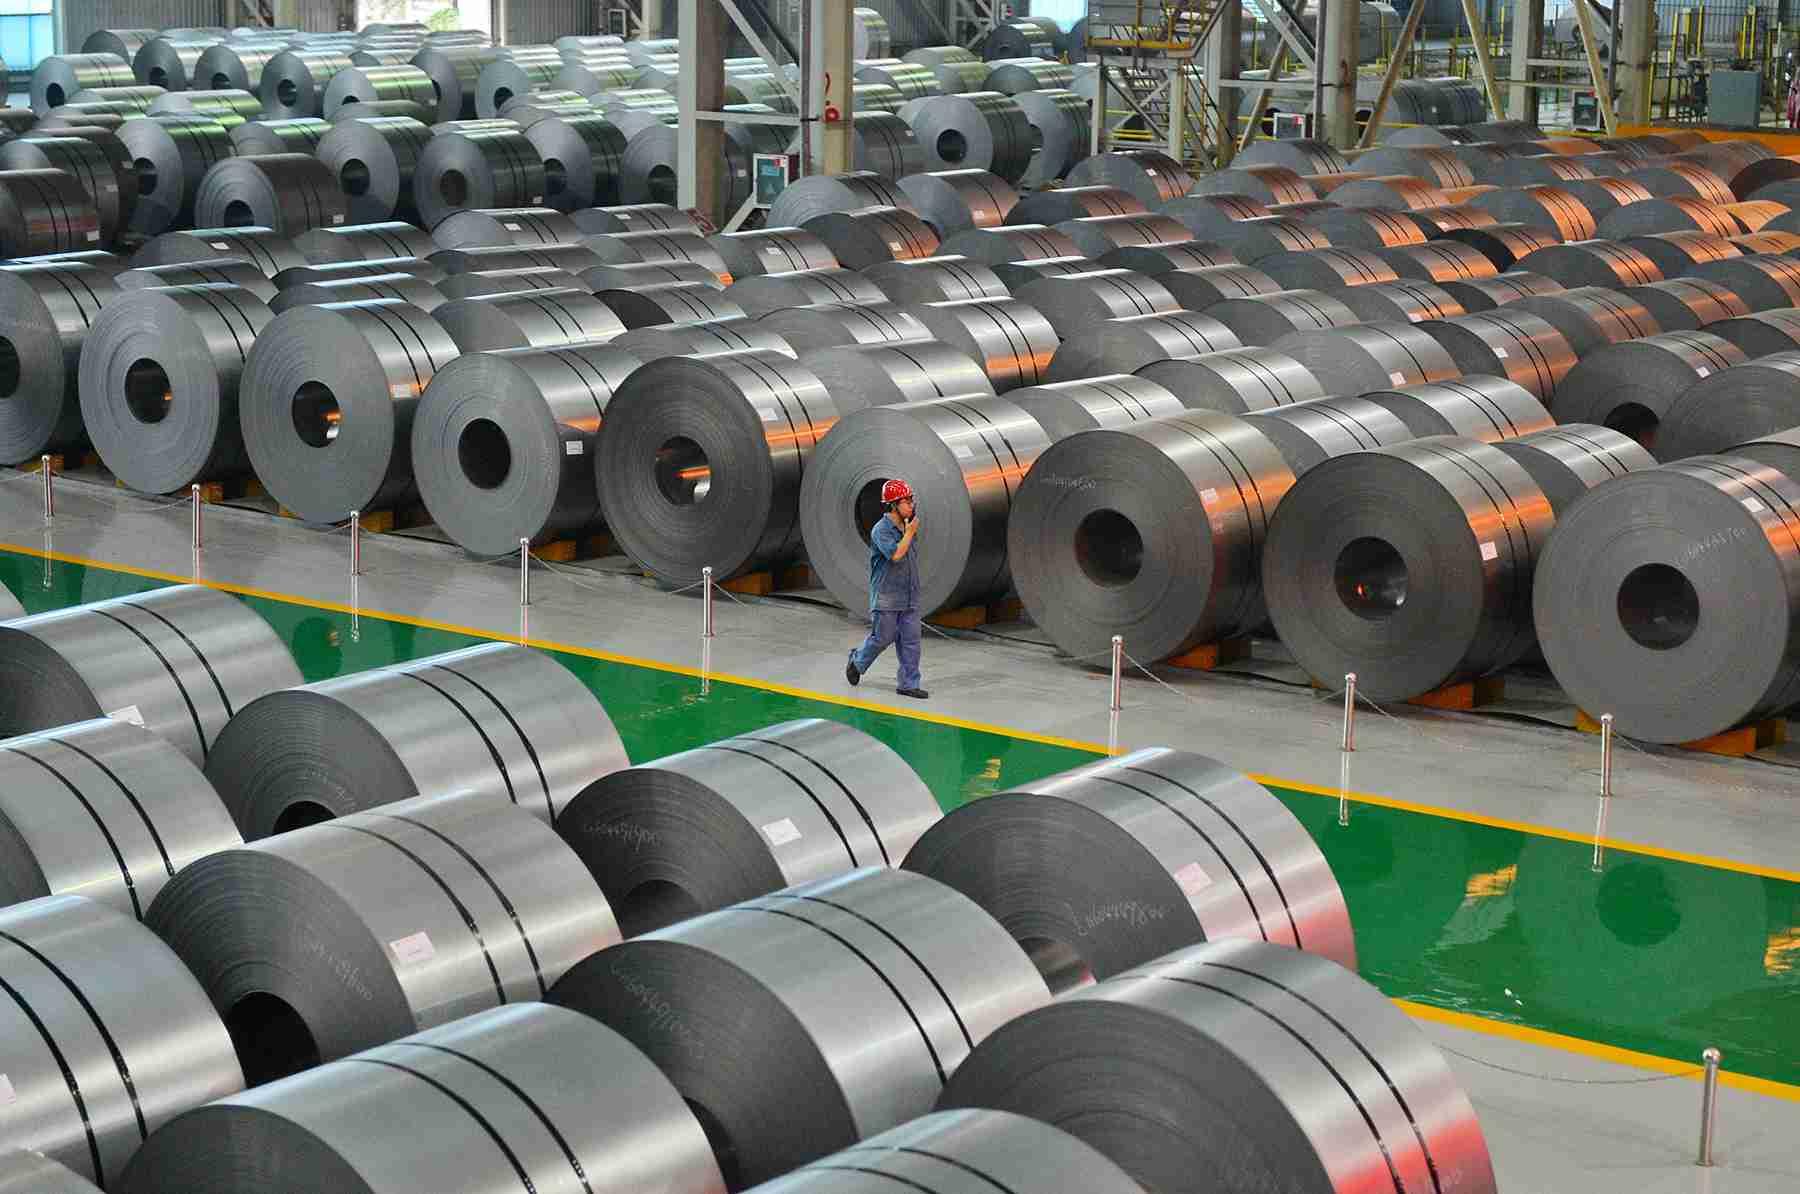 7月PMI回升至三个月高点 制造业初显企稳信号